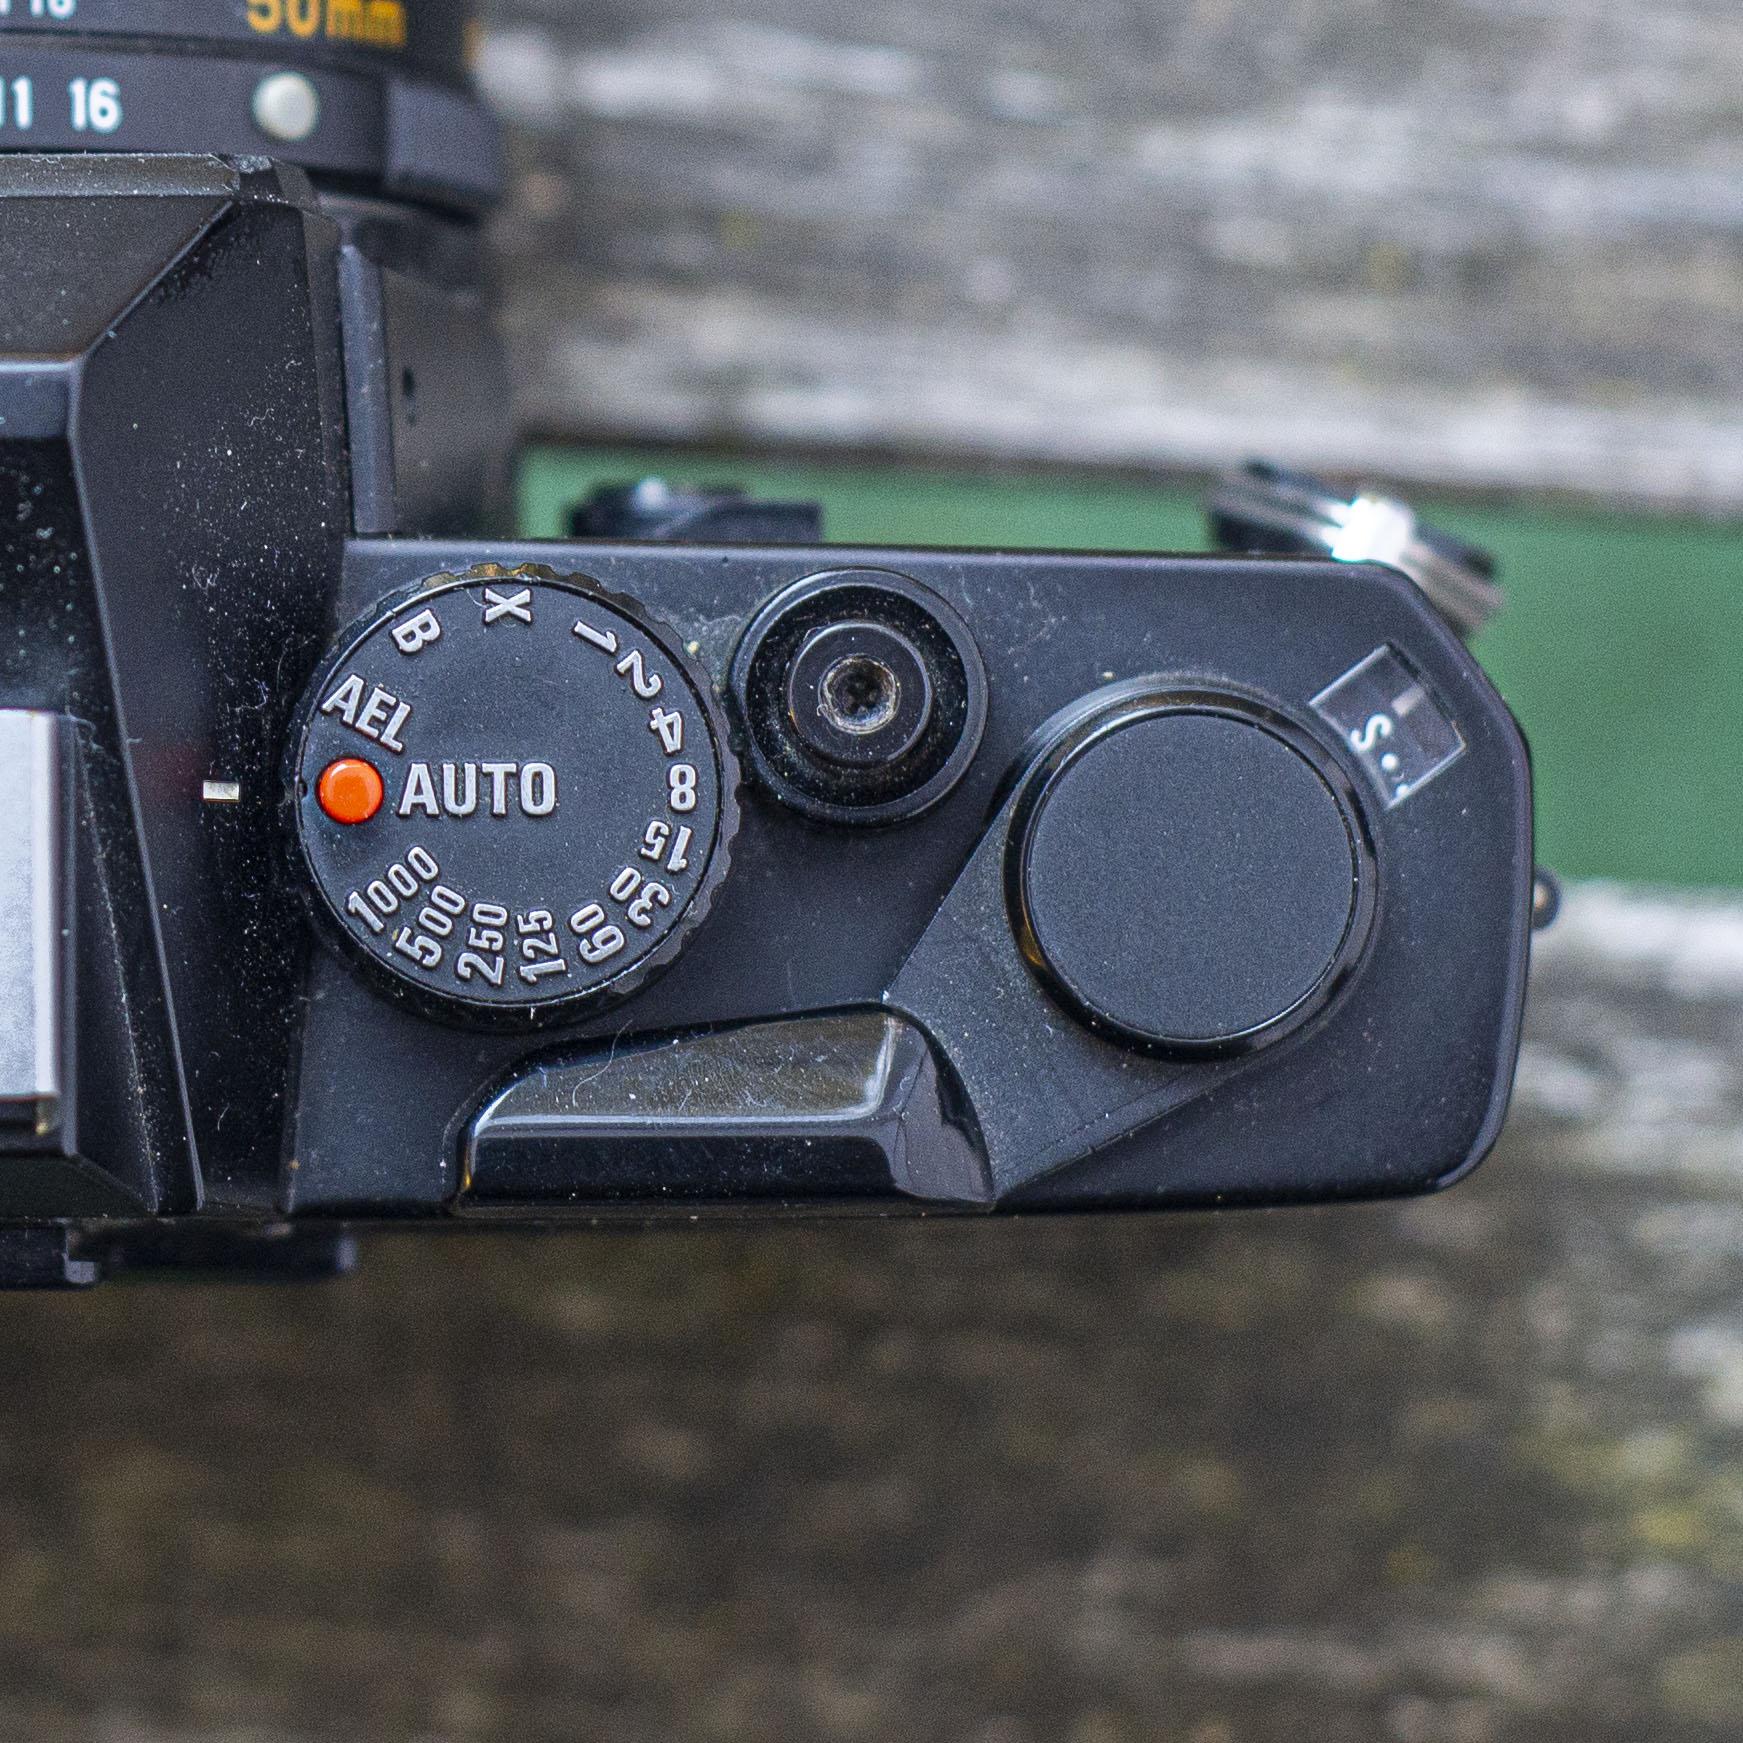 Mamiya ZE-2 shutter speeds